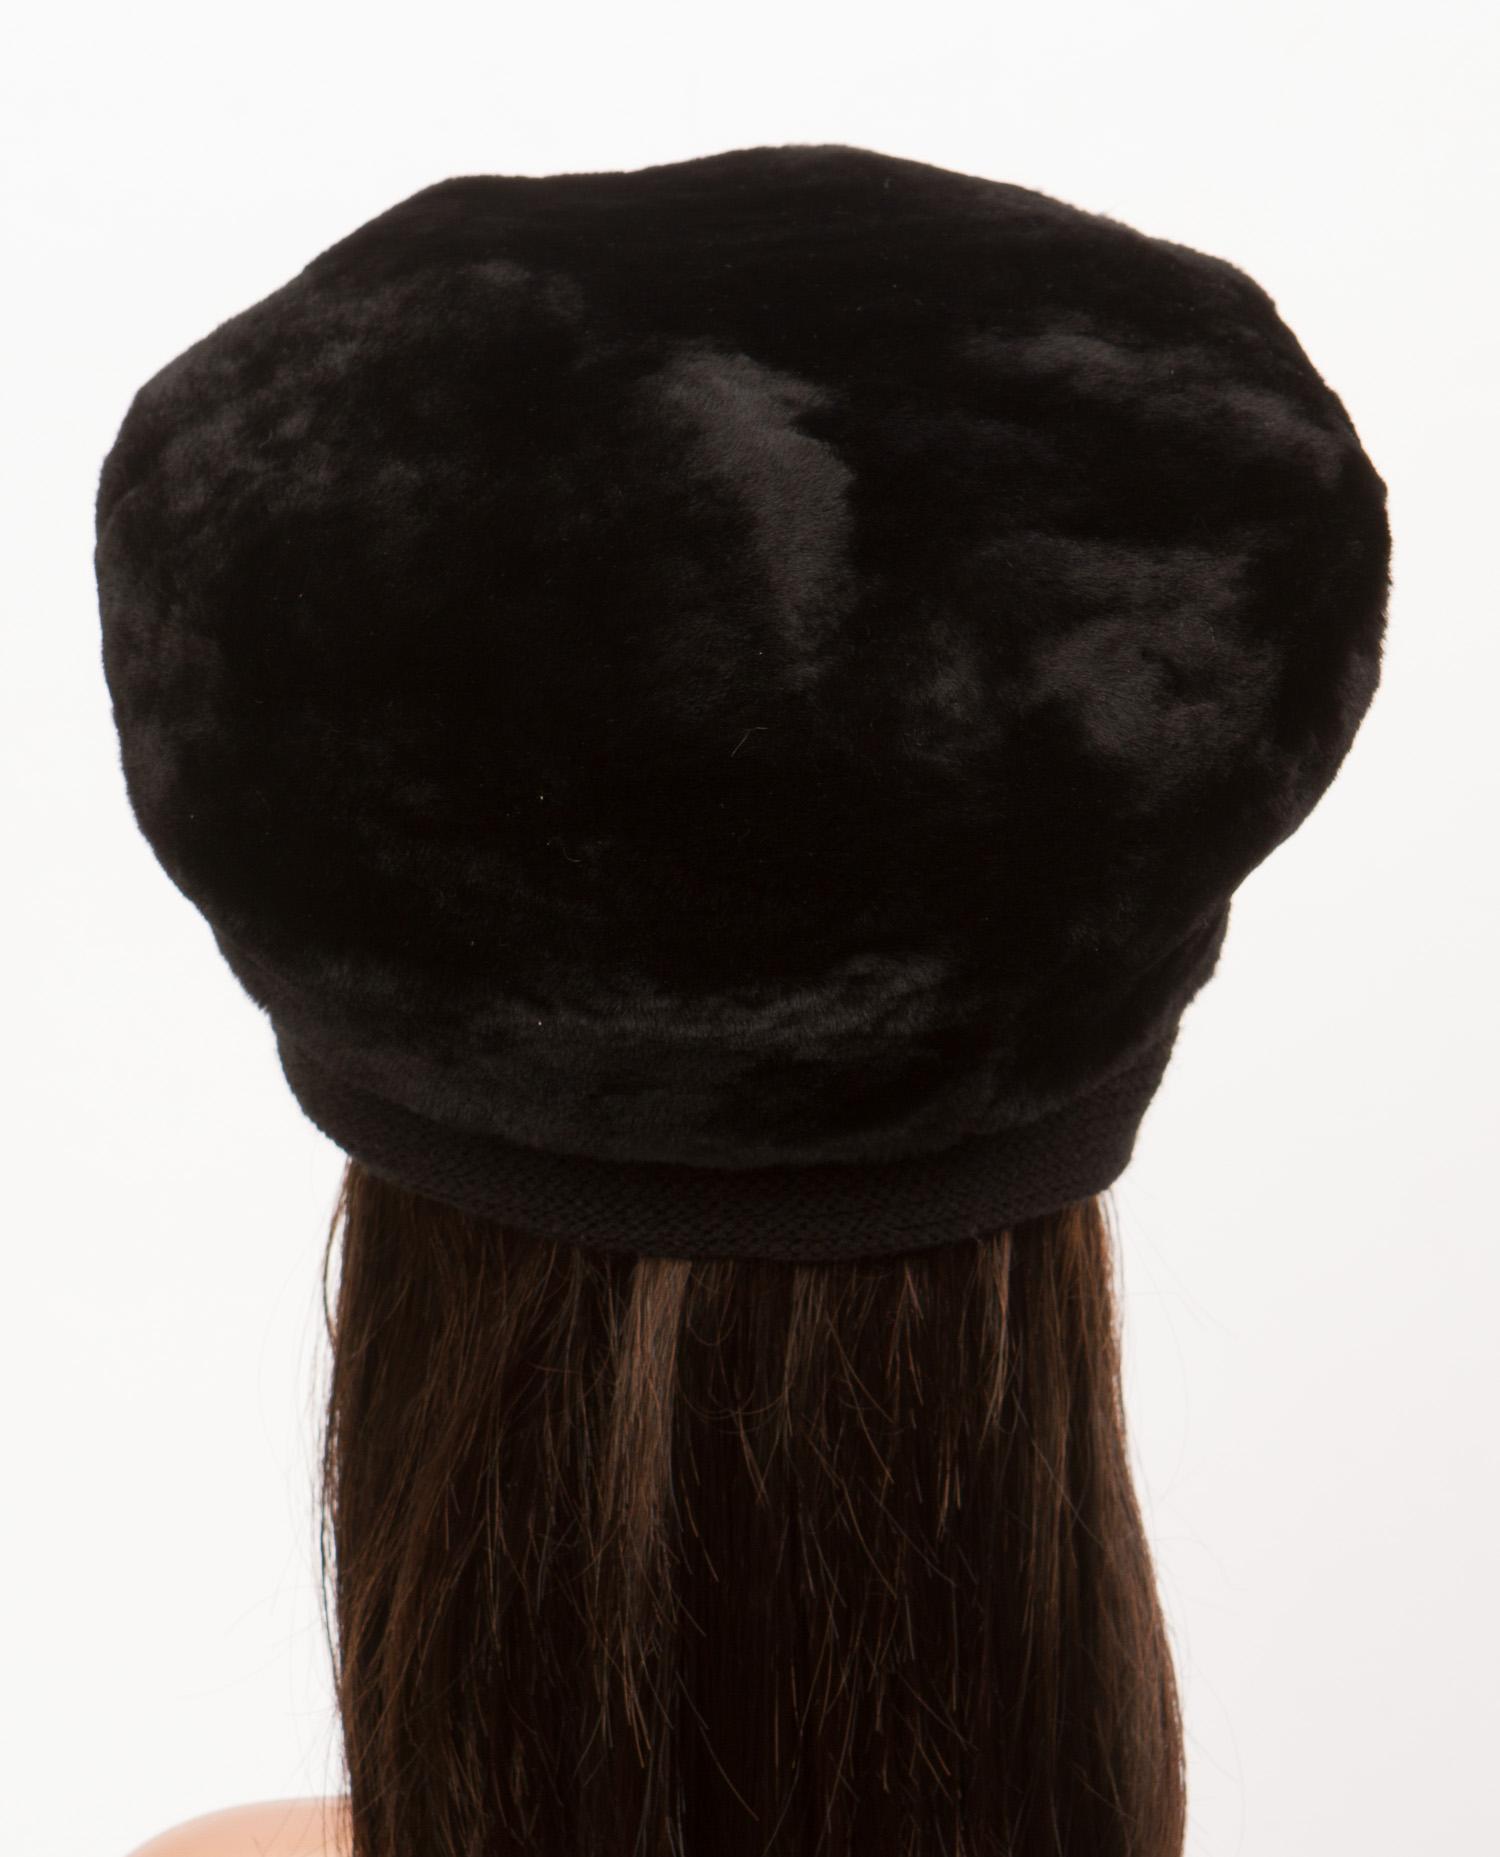 Шапка женская из мутона, отделка норка от Московская Меховая Компания